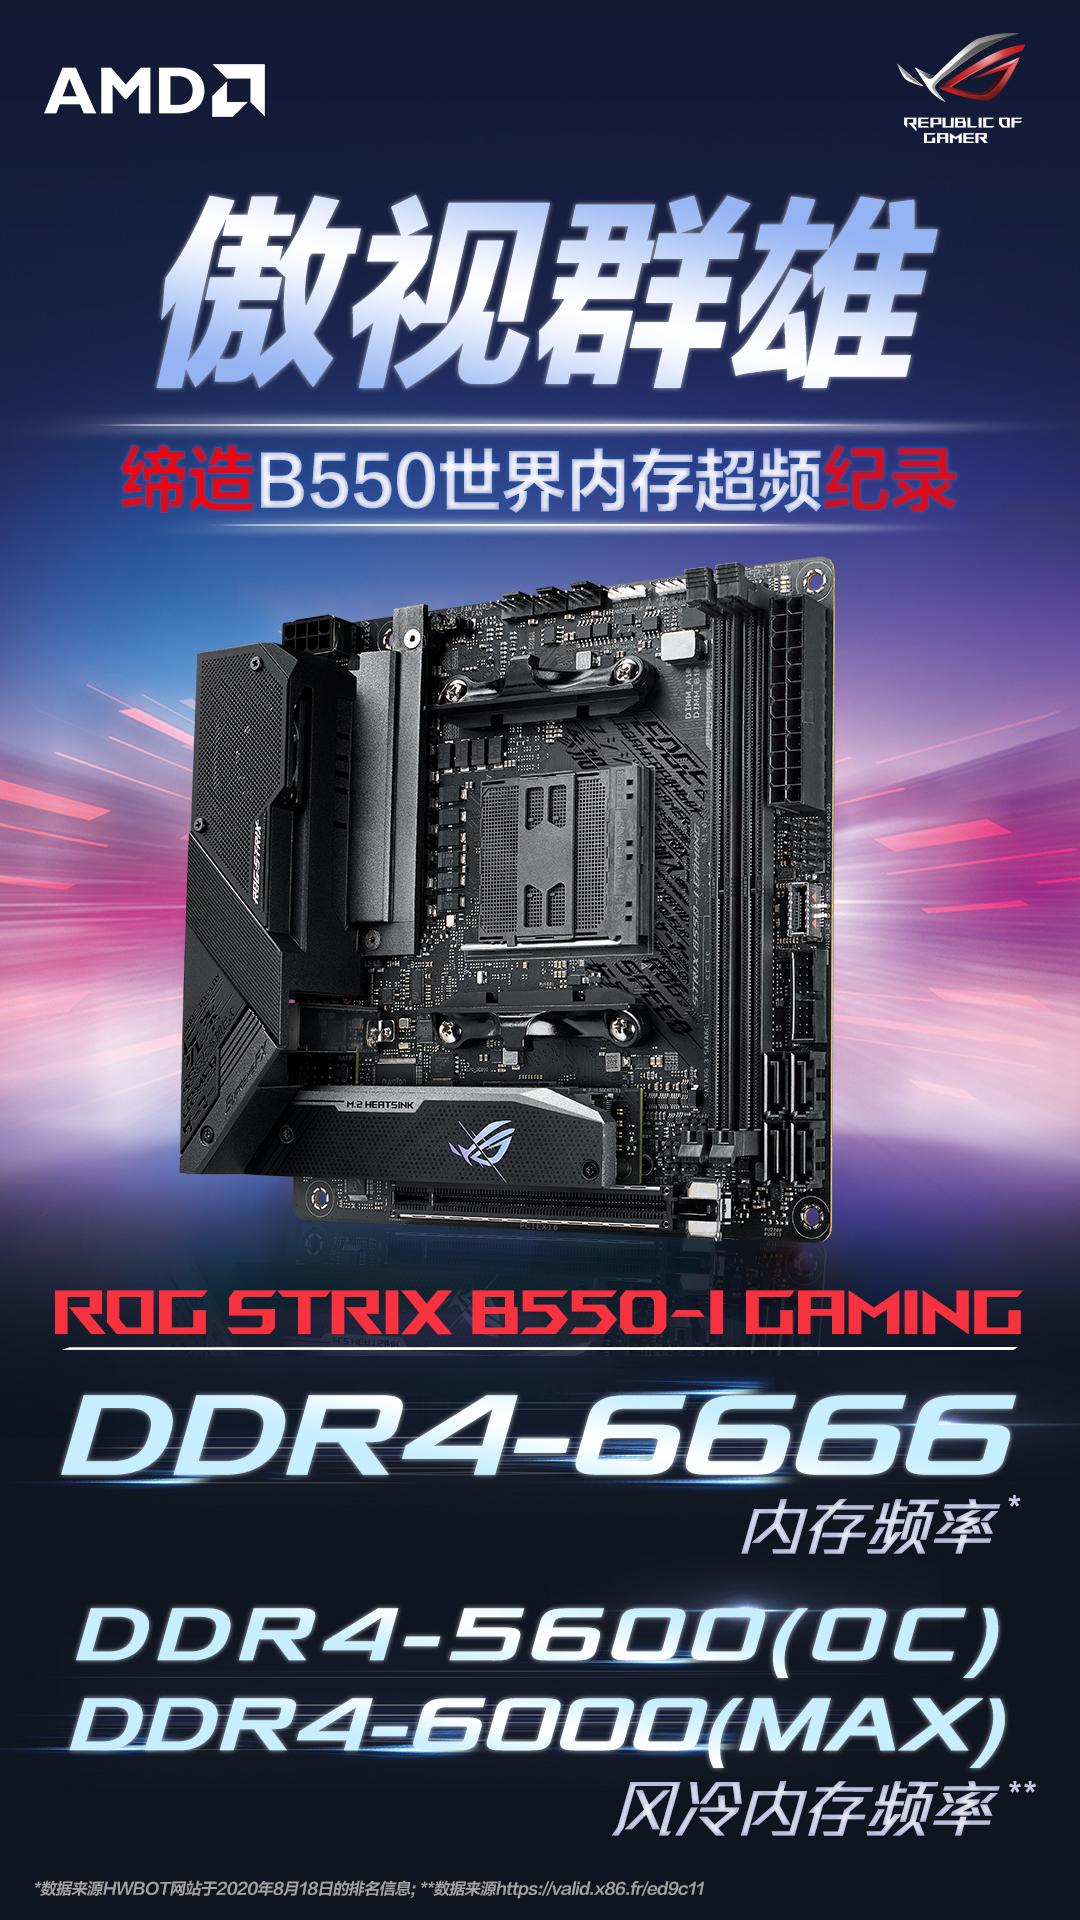 DDR4-6000!ROG STRIX B550-I再攀高峰